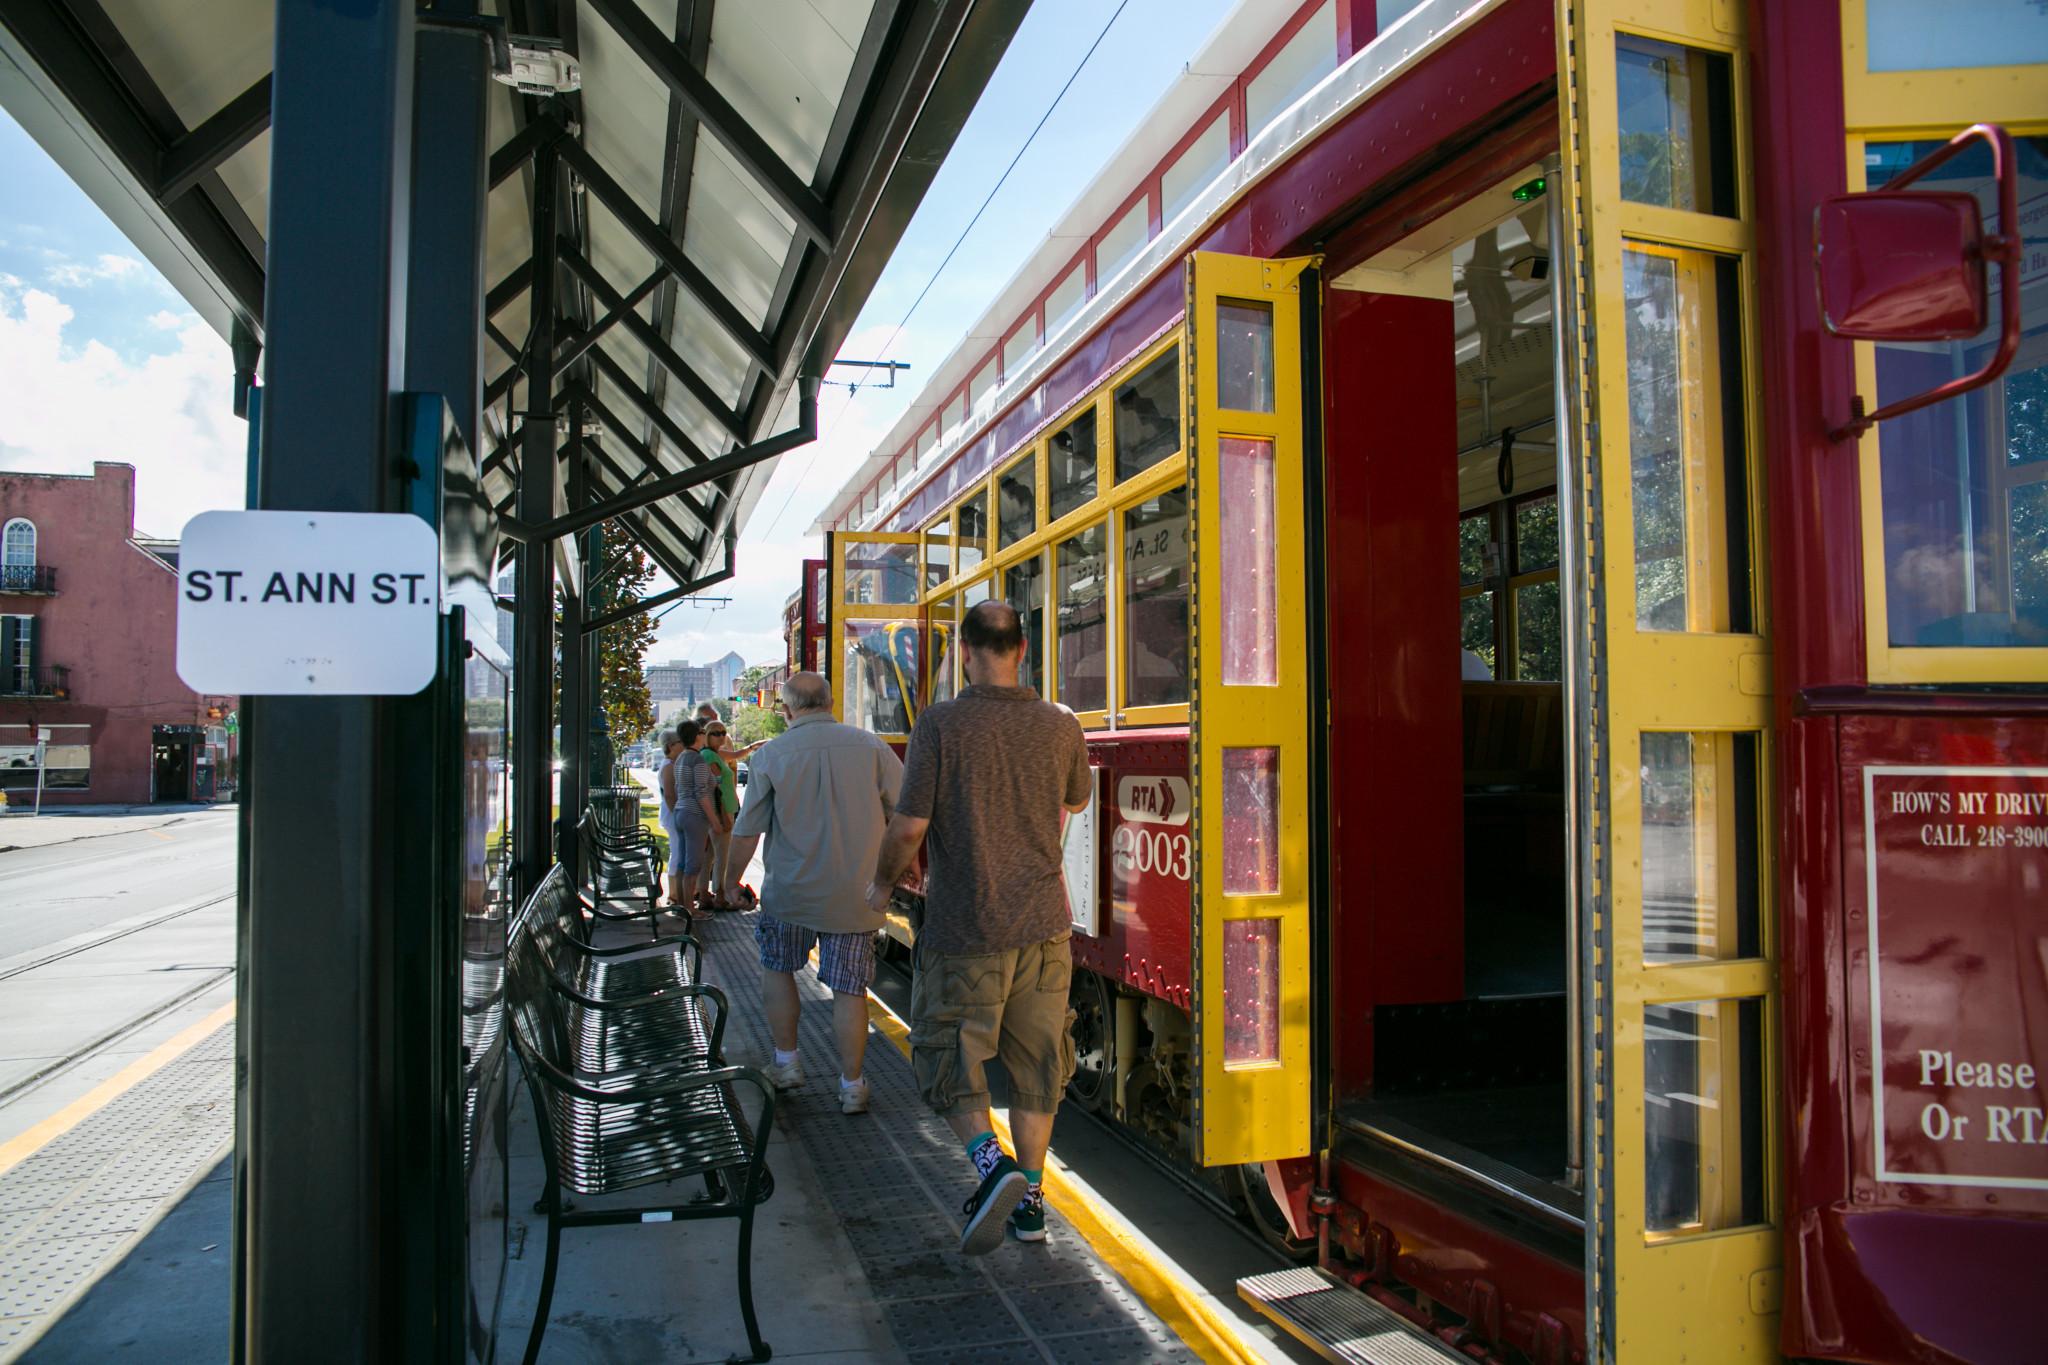 St. Ann Streetcar